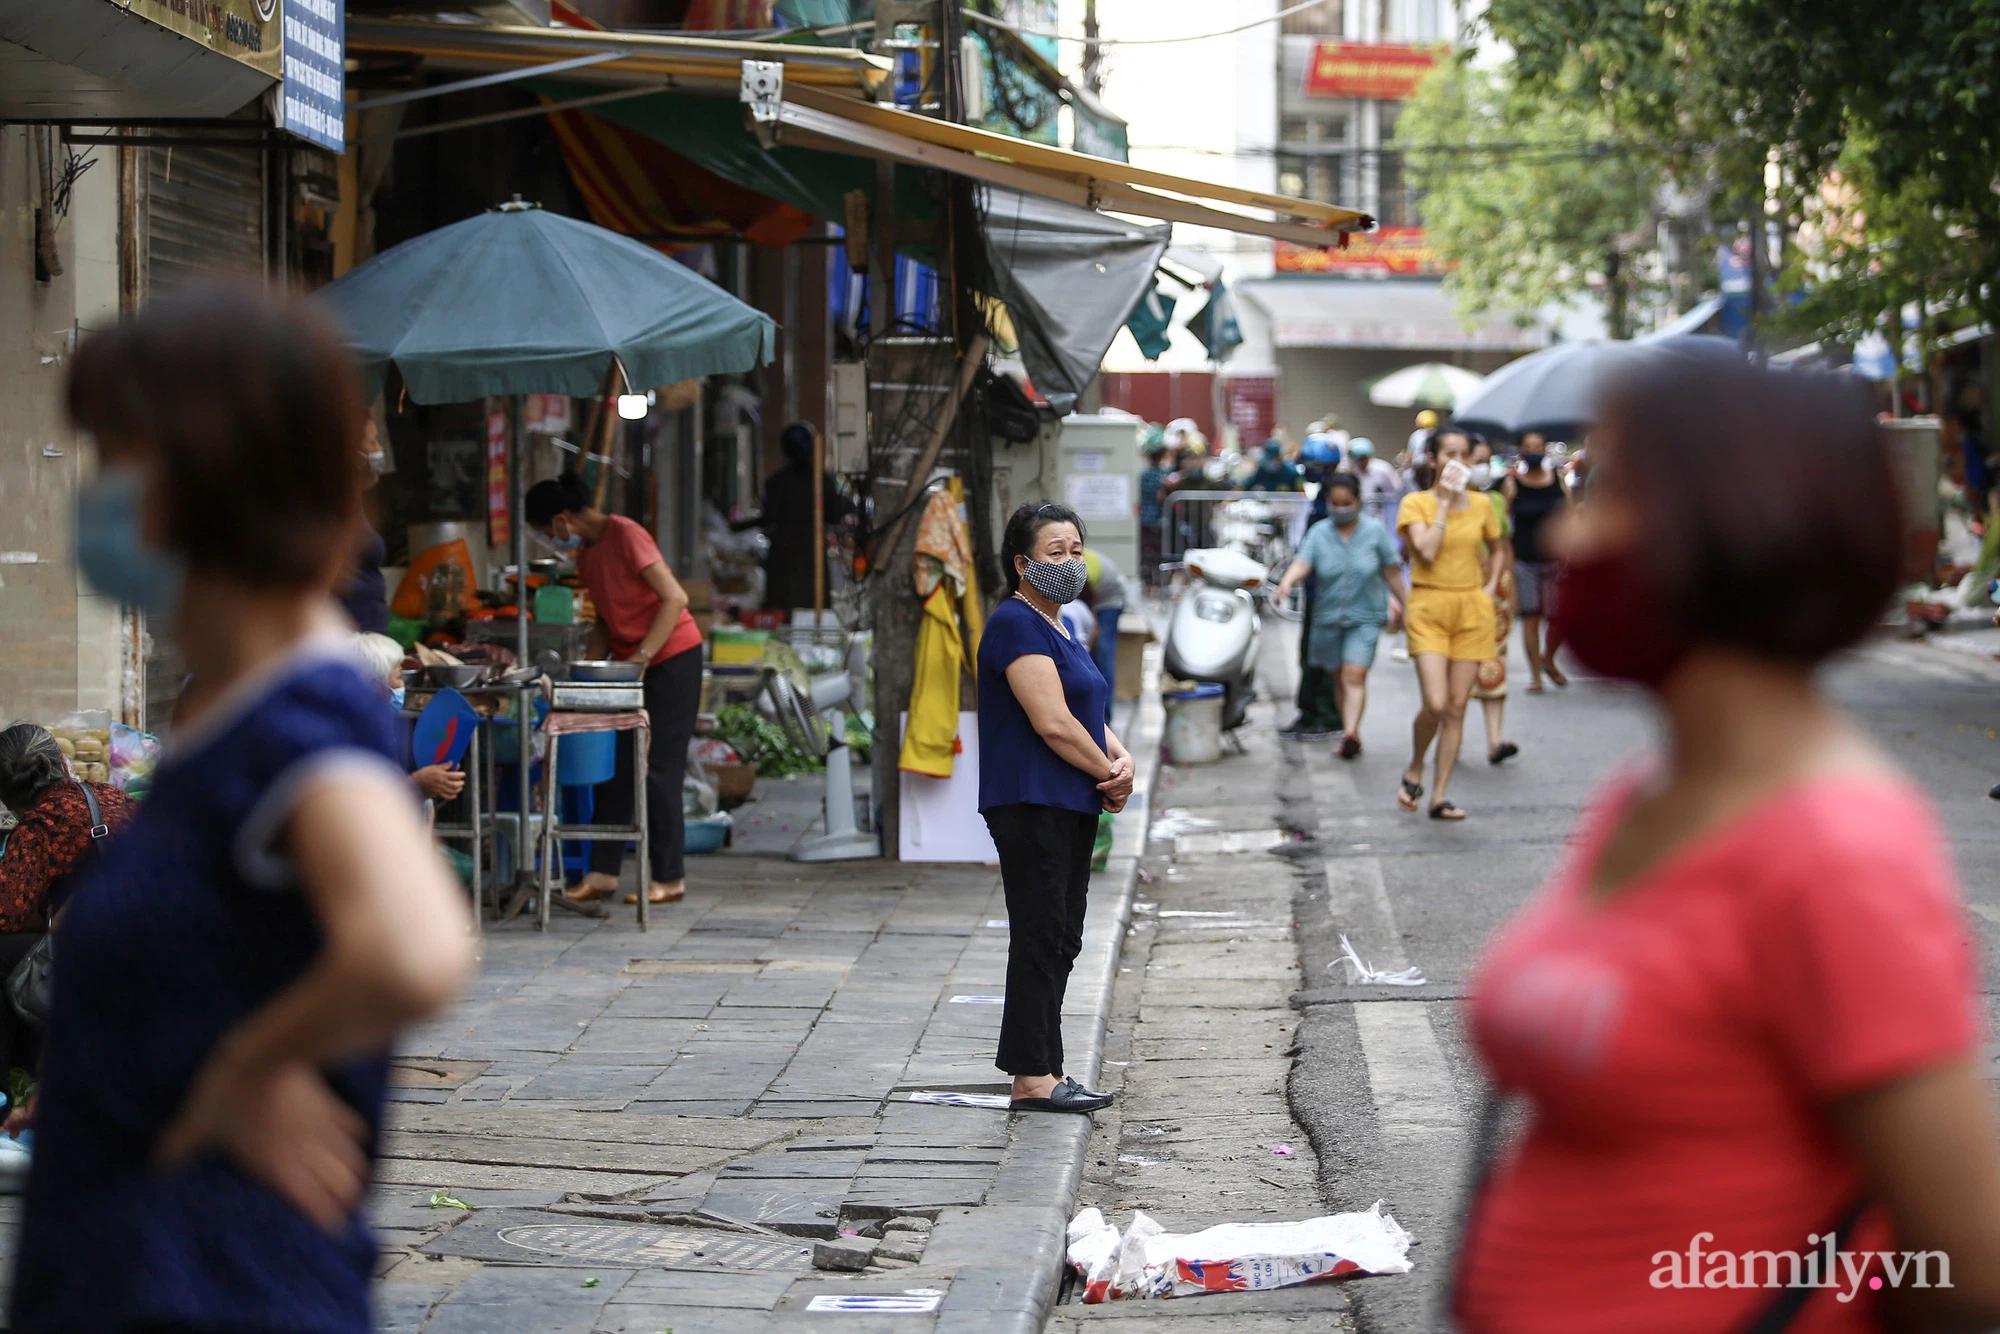 Ngày đầu giãn cách theo Chỉ thị 16, khu chợ ở Hà Nội kẻ vạch cách nhau 2 m, người mua kẻ bán tuy xa mặt nhưng không cách lòng - Ảnh 6.